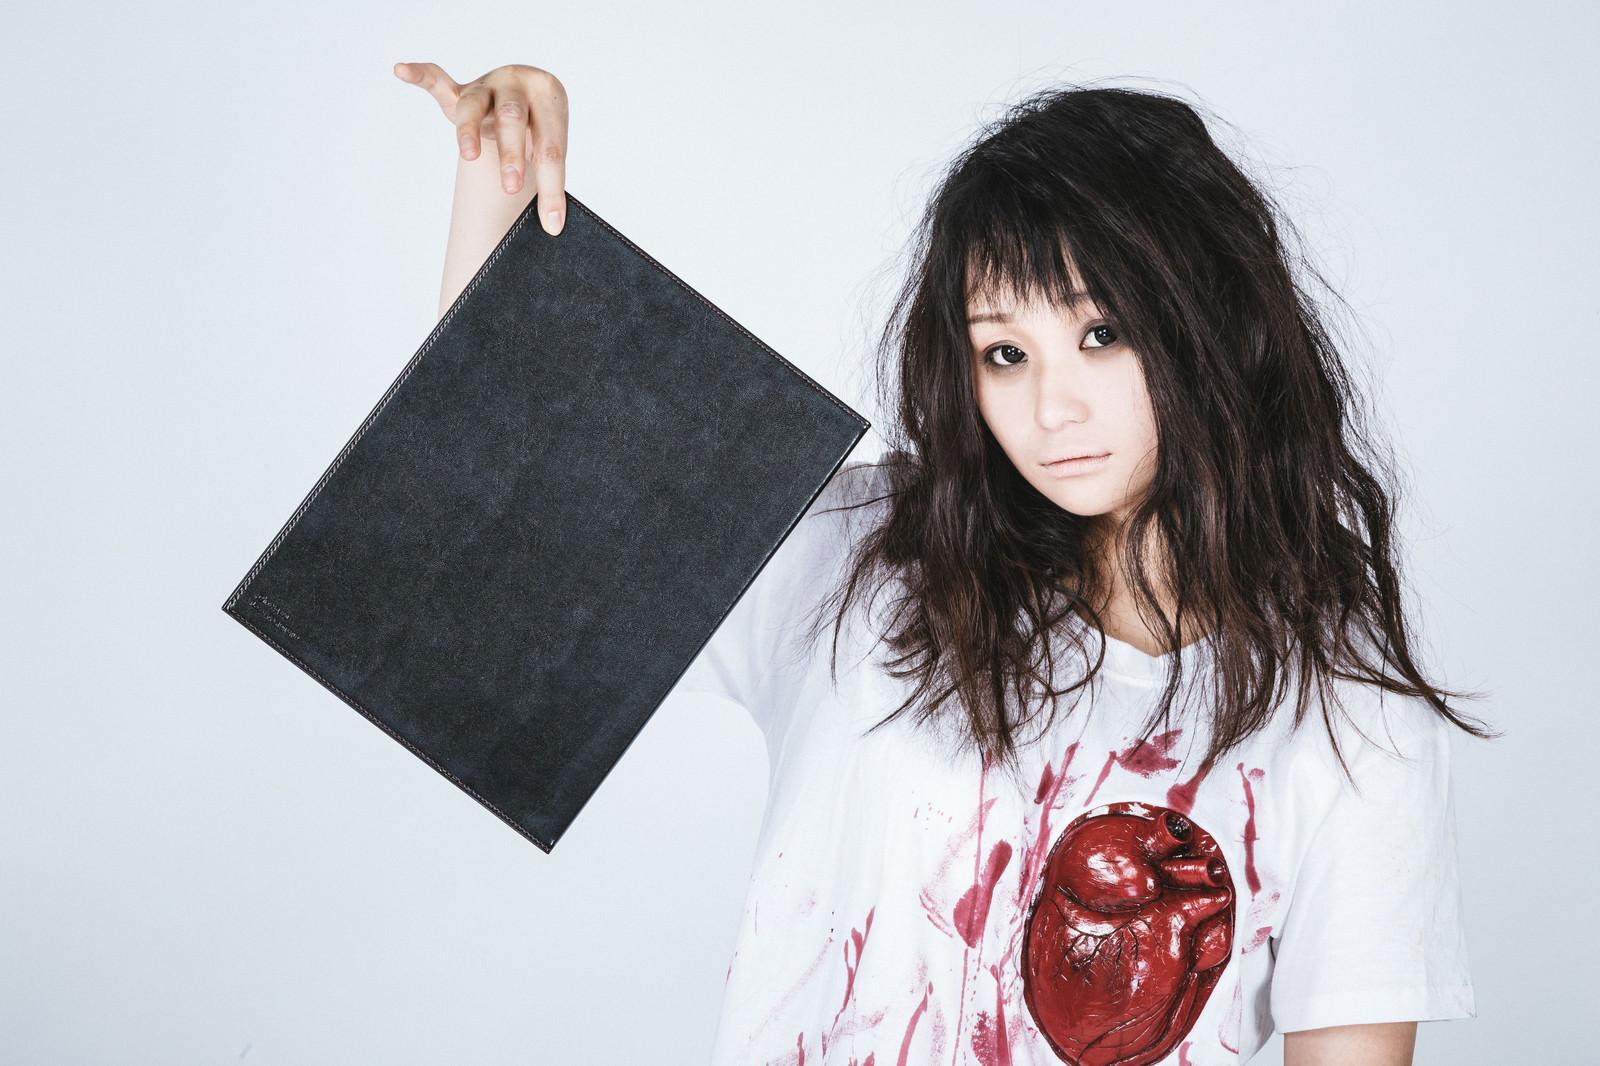 「名前を書いたら心臓発作で死ぬノート」の写真[モデル:茜さや]